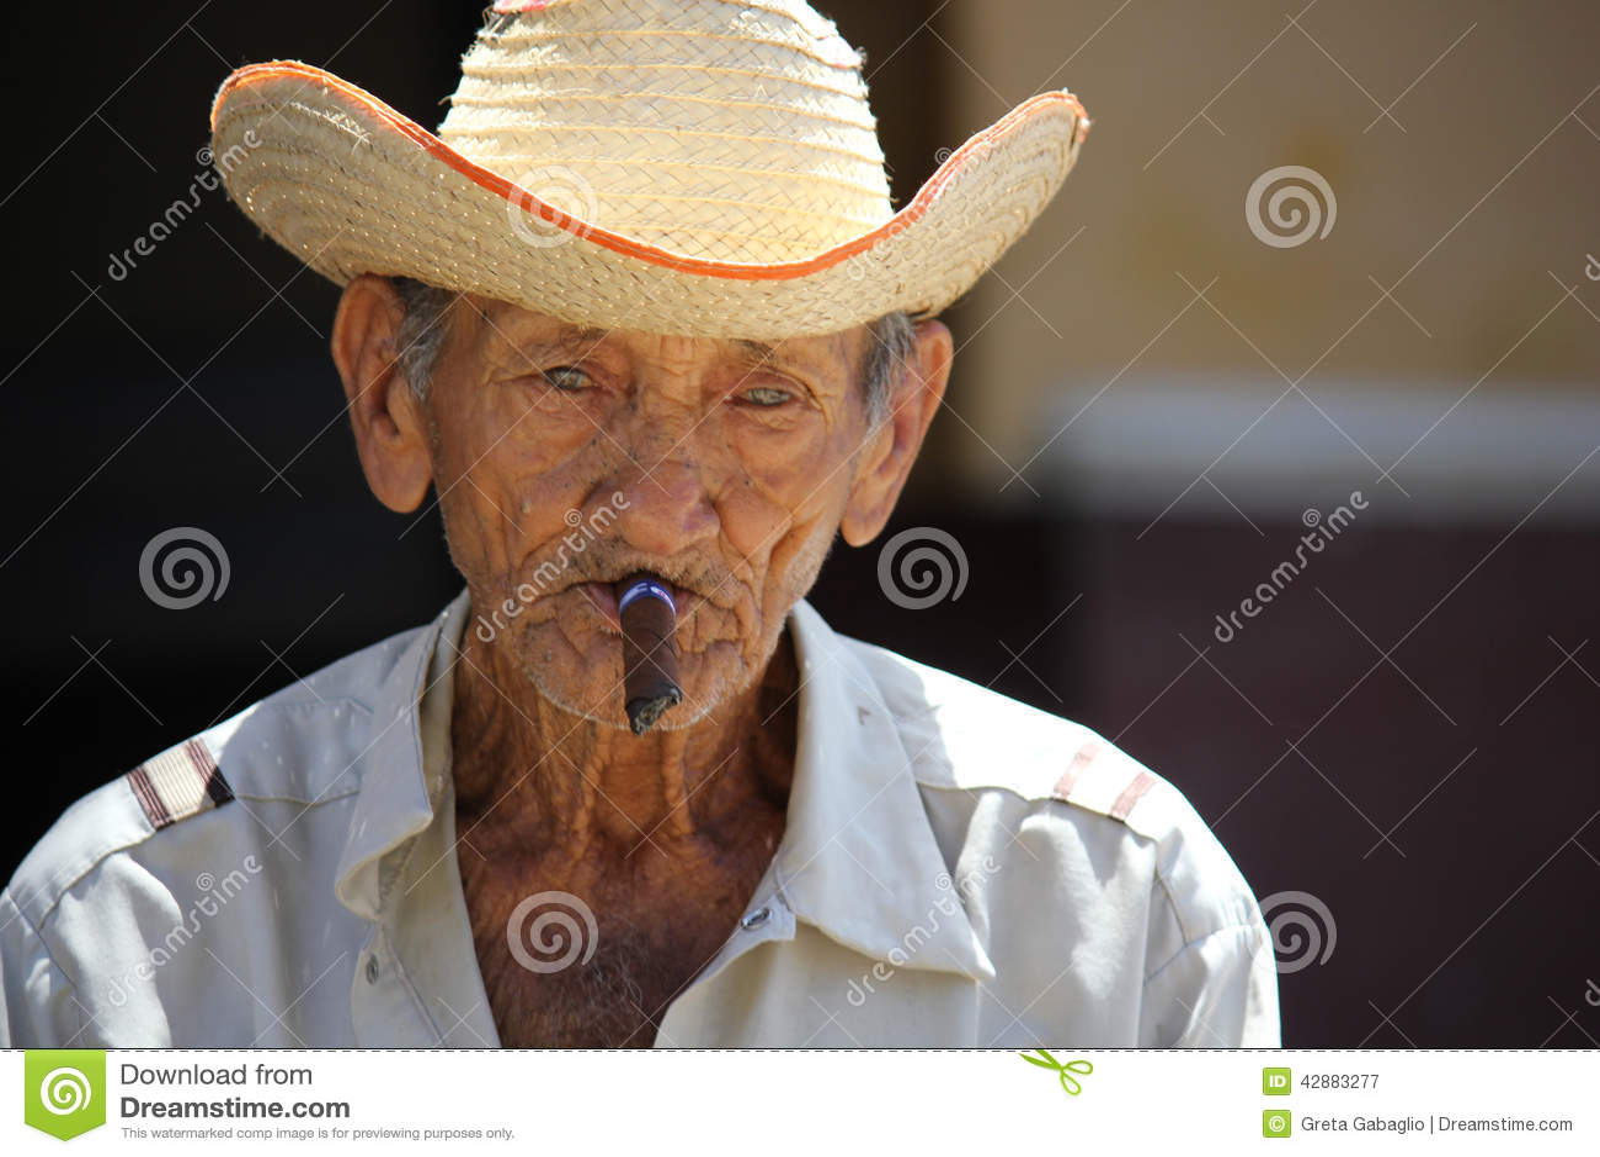 fdaa6a7c9 Old Cuban Man Smoking A Cigar Editorial Photography - Image of ...